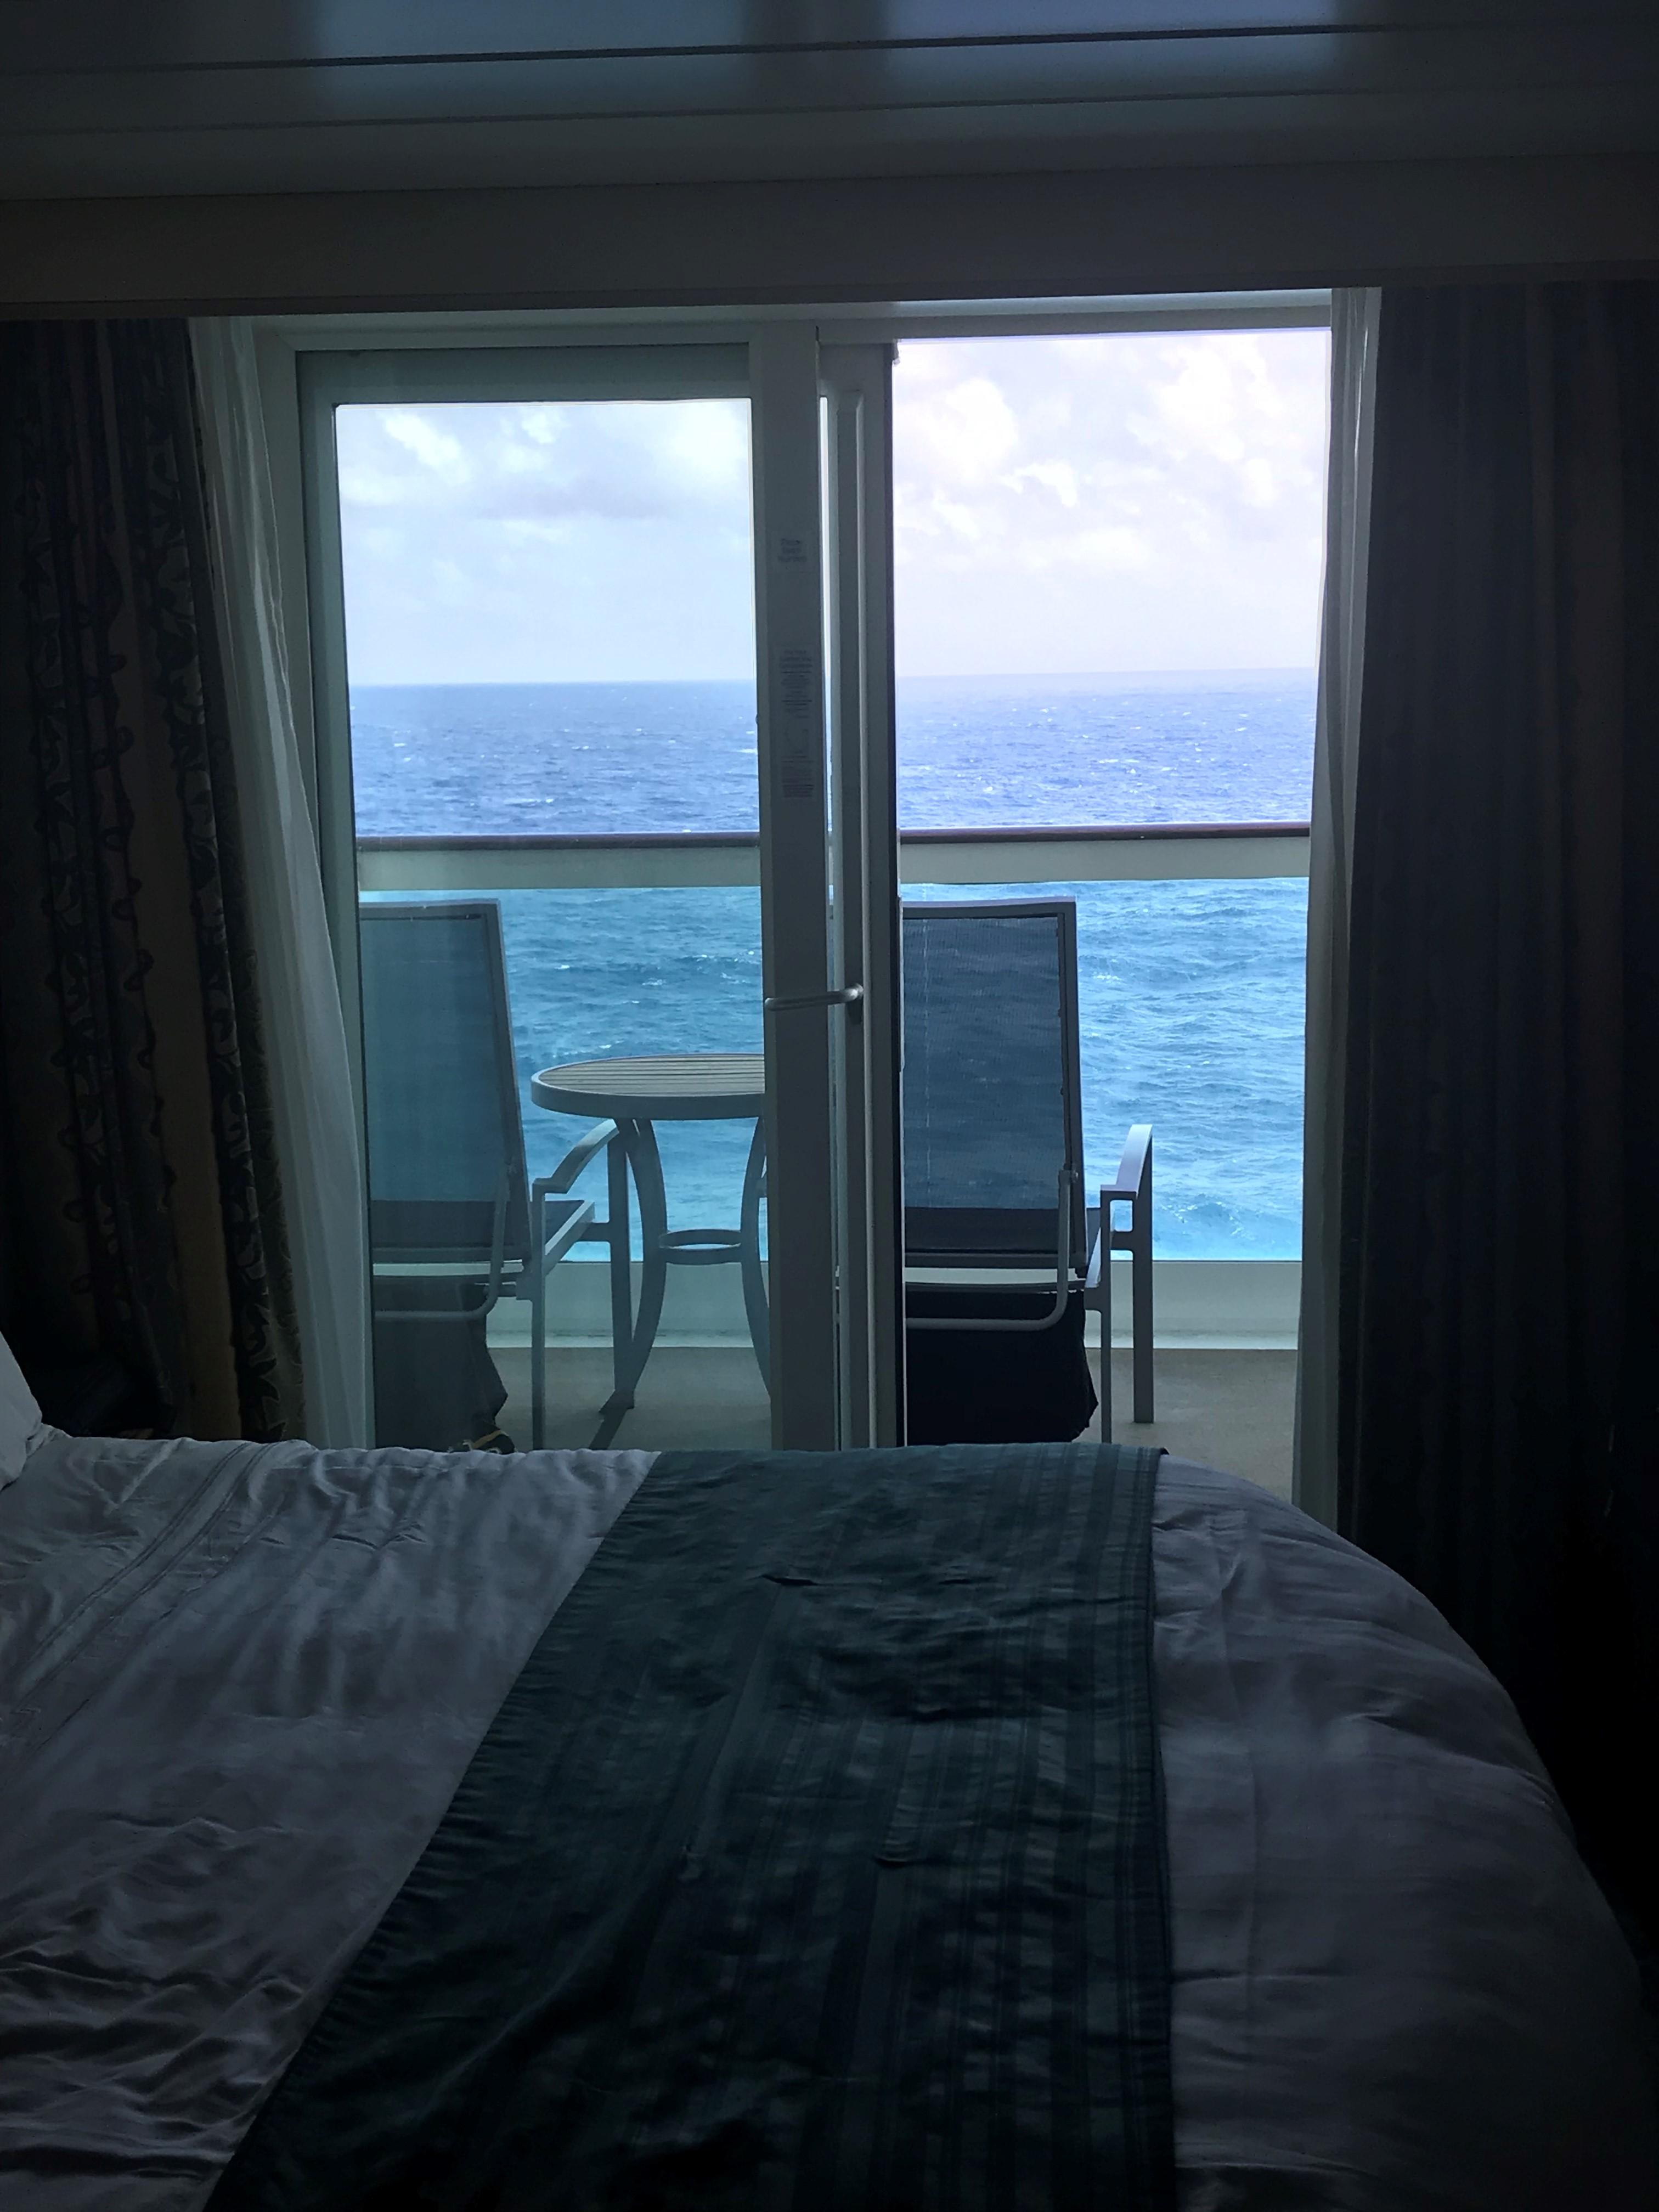 Freedom of the Seas - Balcony Room